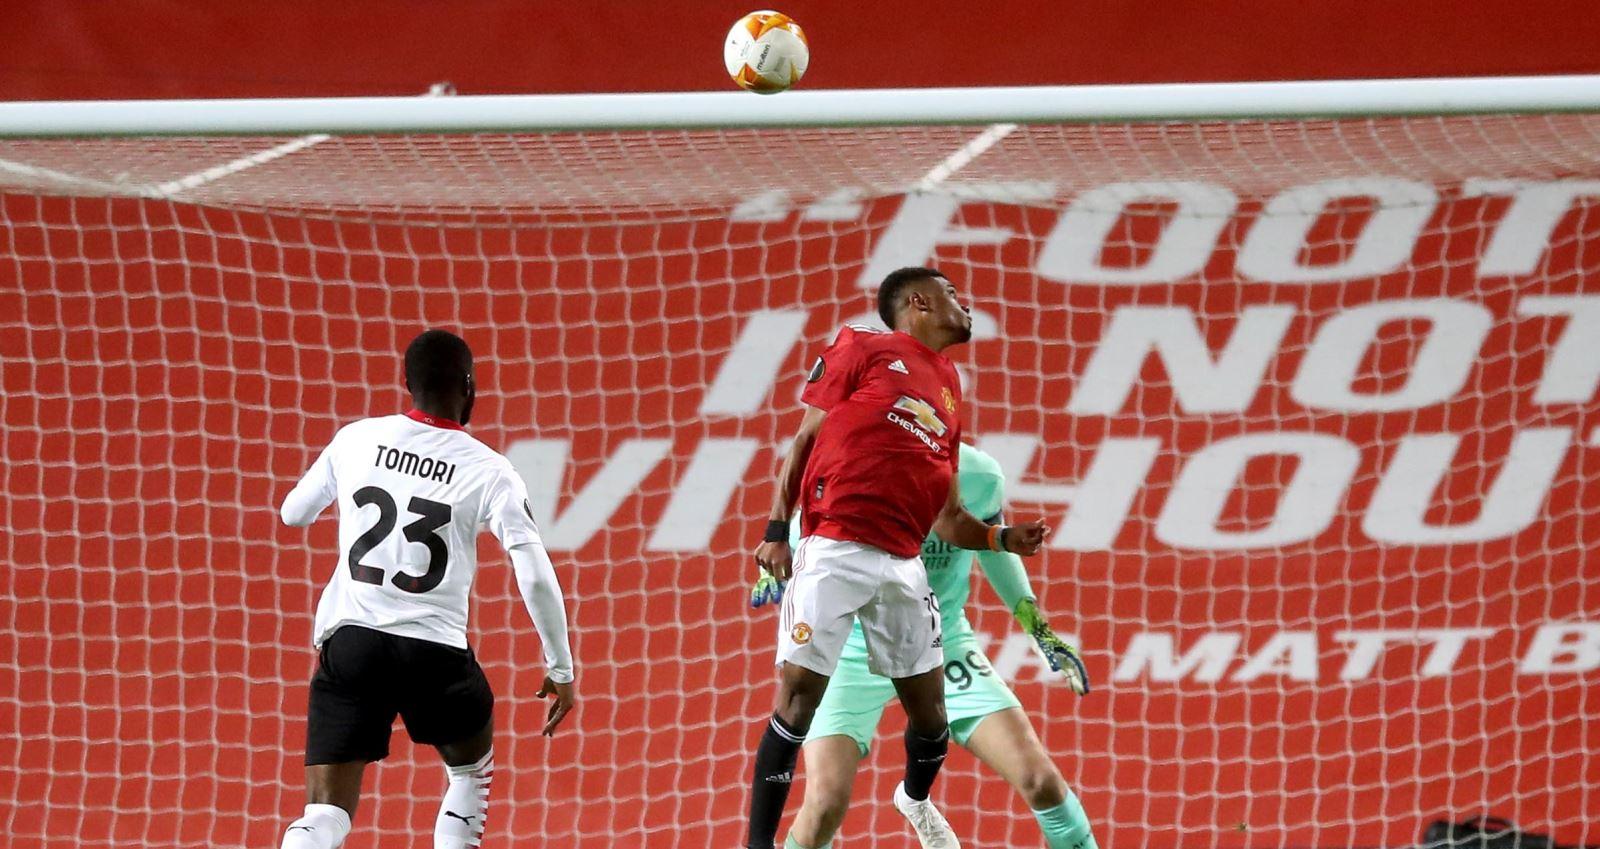 MU, Tin bóng đá MU, Amad Diallo, Amad Diallo cạnh tranh Quả bóng vàng năm 2026, tin tức MU, chuyển nhượng MU, bóng đá Anh, Quả bóng vàng, Quả bóng vàng 2026, bóng đá